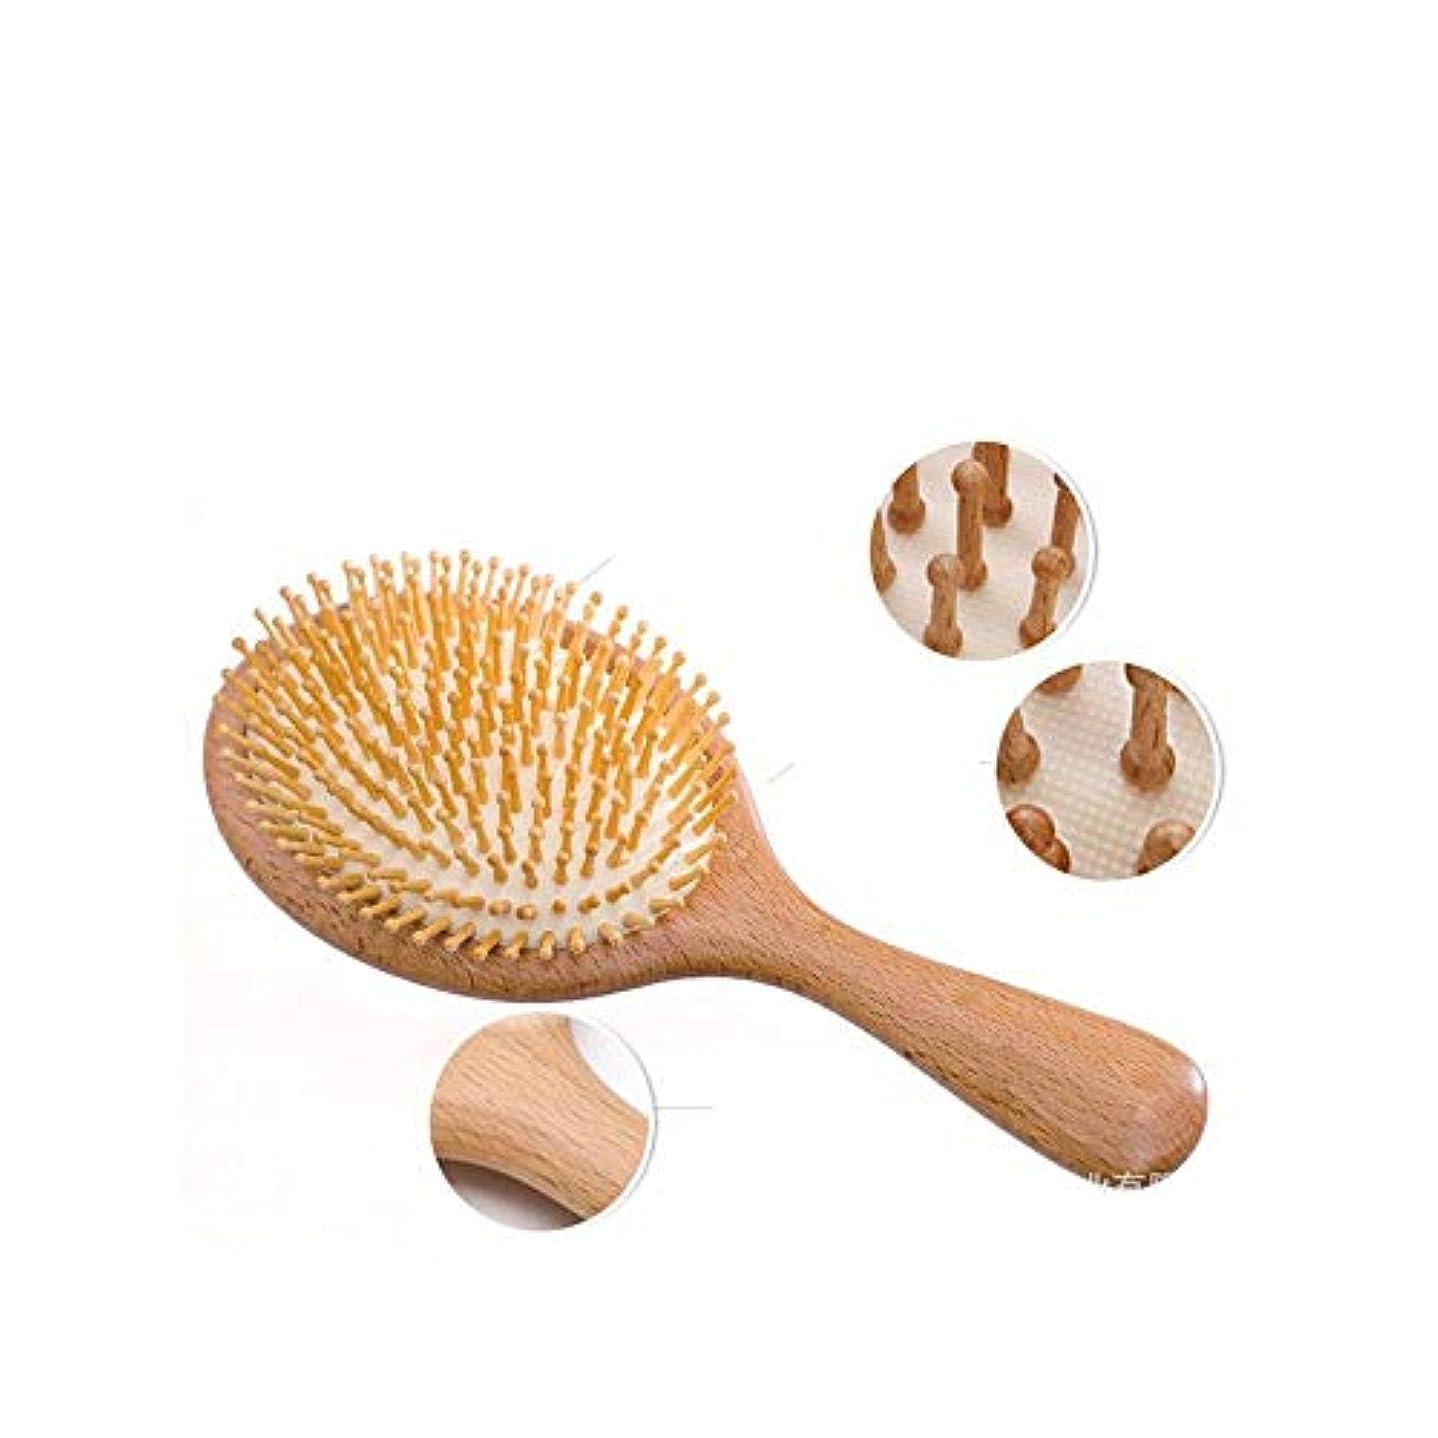 結果として壊す差別Fashianくしヘアブラシ静電気防止マッサージくし、すべての髪のタイプのためのブナの木のくし ヘアケア (色 : Round)